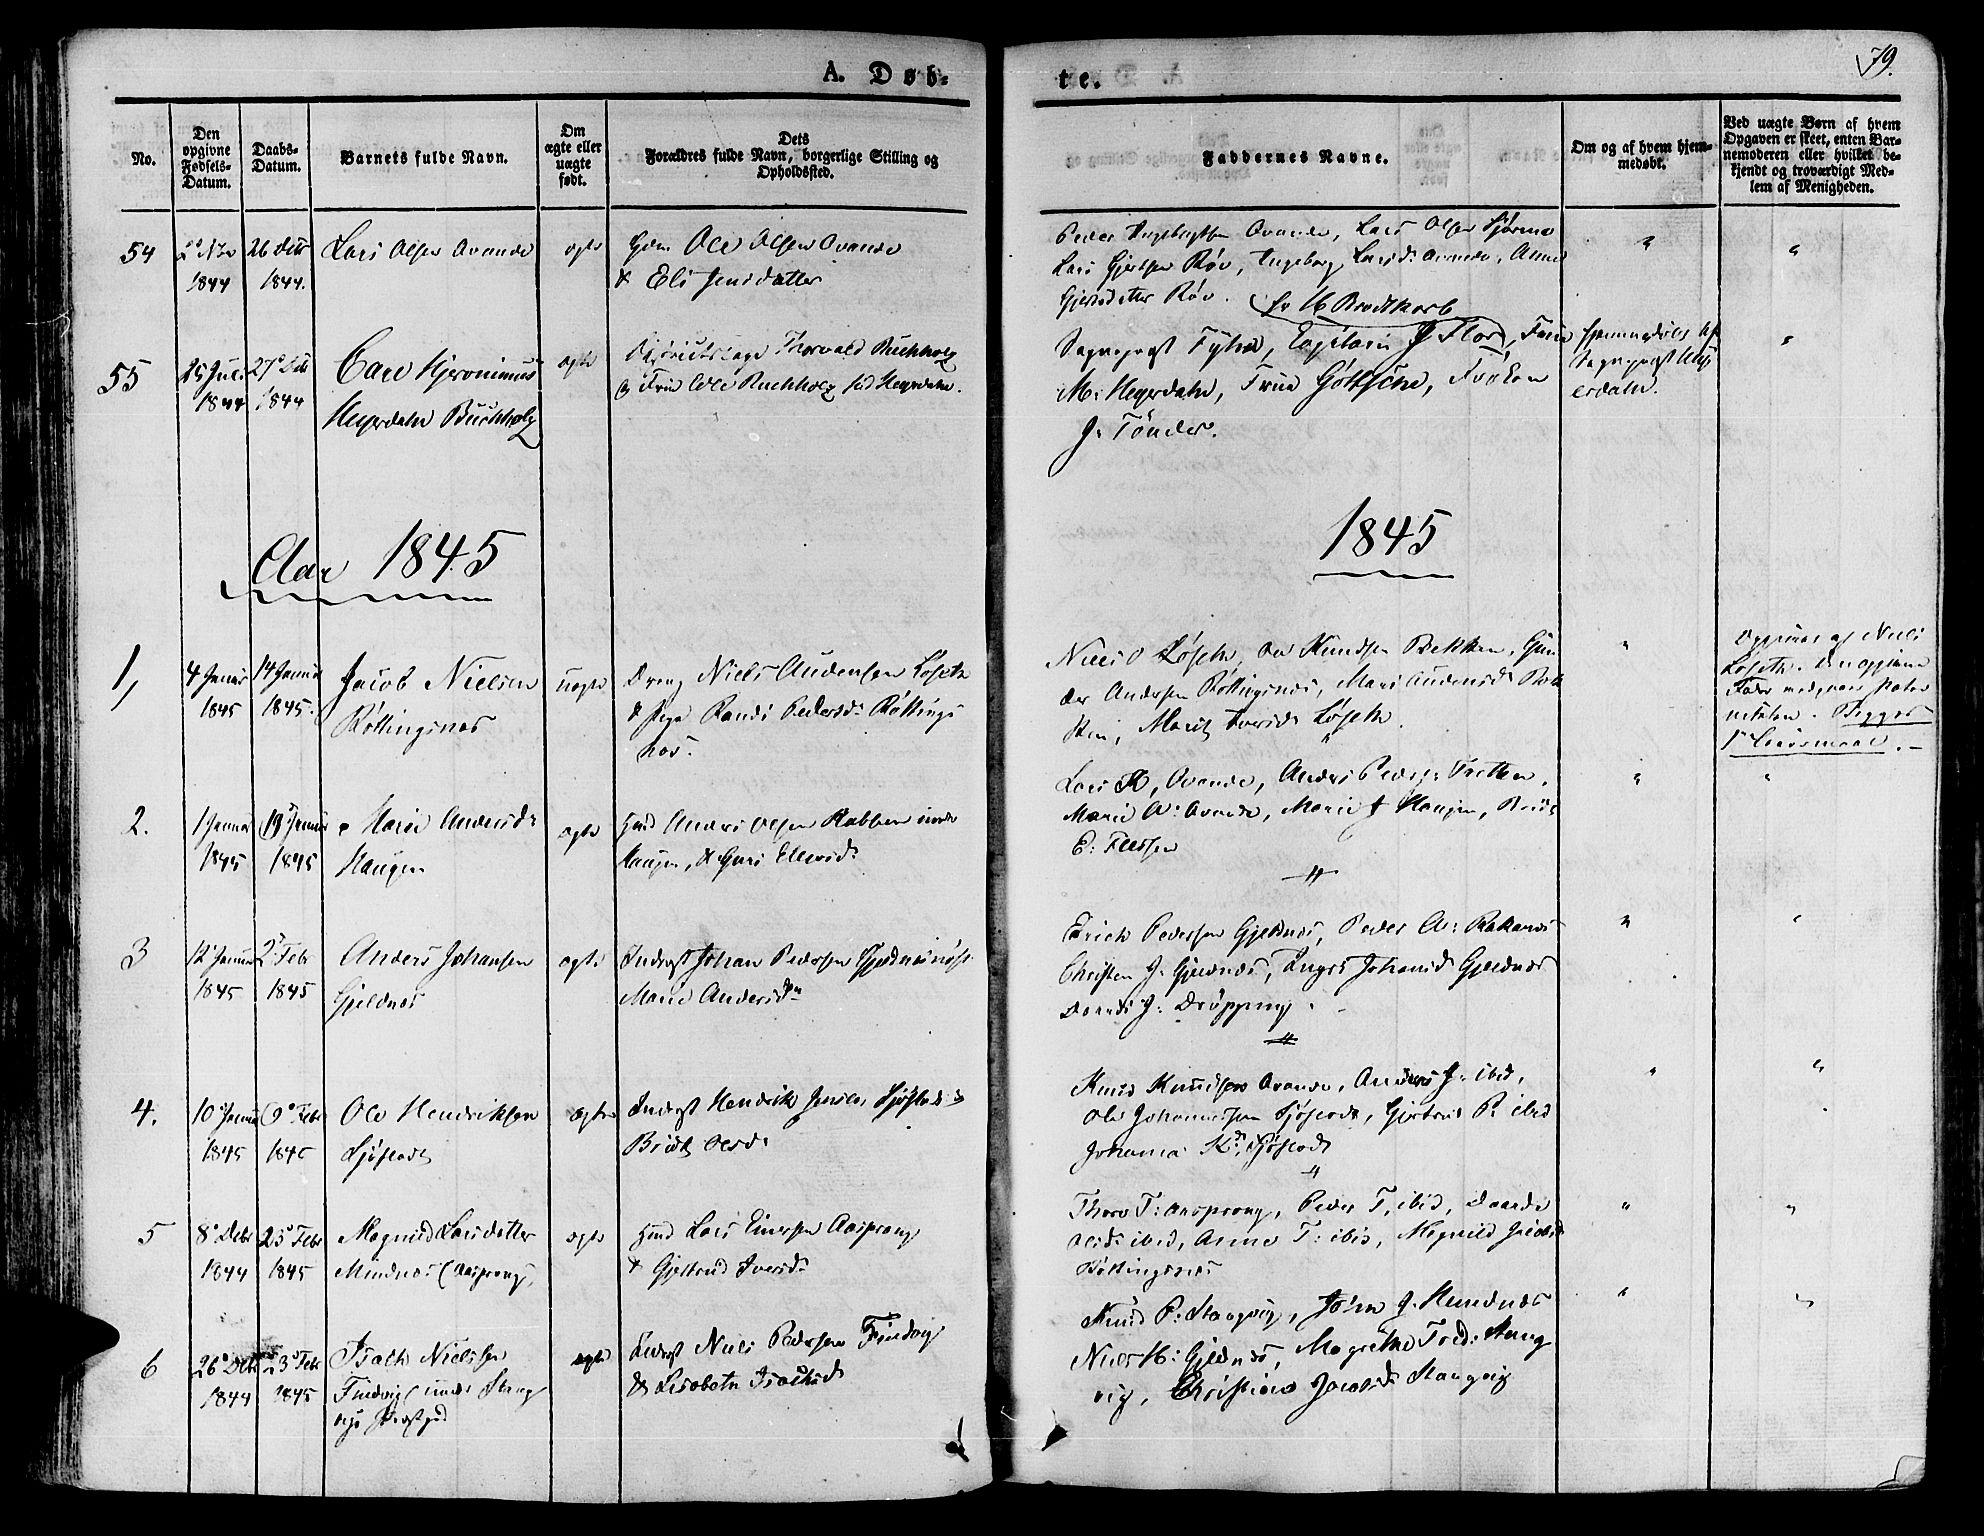 SAT, Ministerialprotokoller, klokkerbøker og fødselsregistre - Møre og Romsdal, 592/L1024: Ministerialbok nr. 592A03 /1, 1831-1849, s. 79